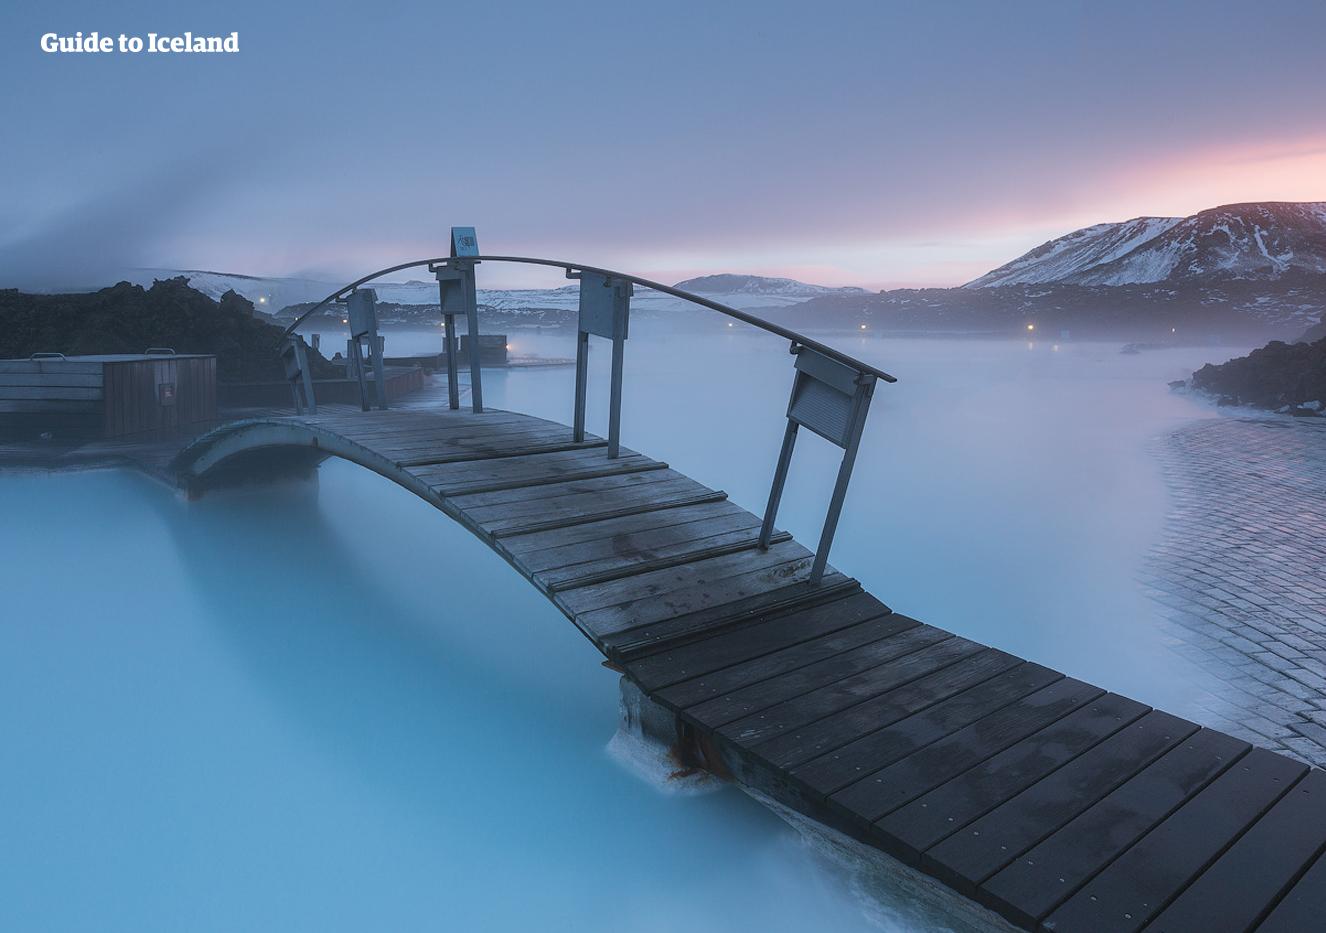 จบการผจญภัยของคุณในประเทศไอซ์แลนด์อย่างสมบูรณ์แบบด้วยการแช่ในสปาพลังงานใต้พิภพบลูลากูน.